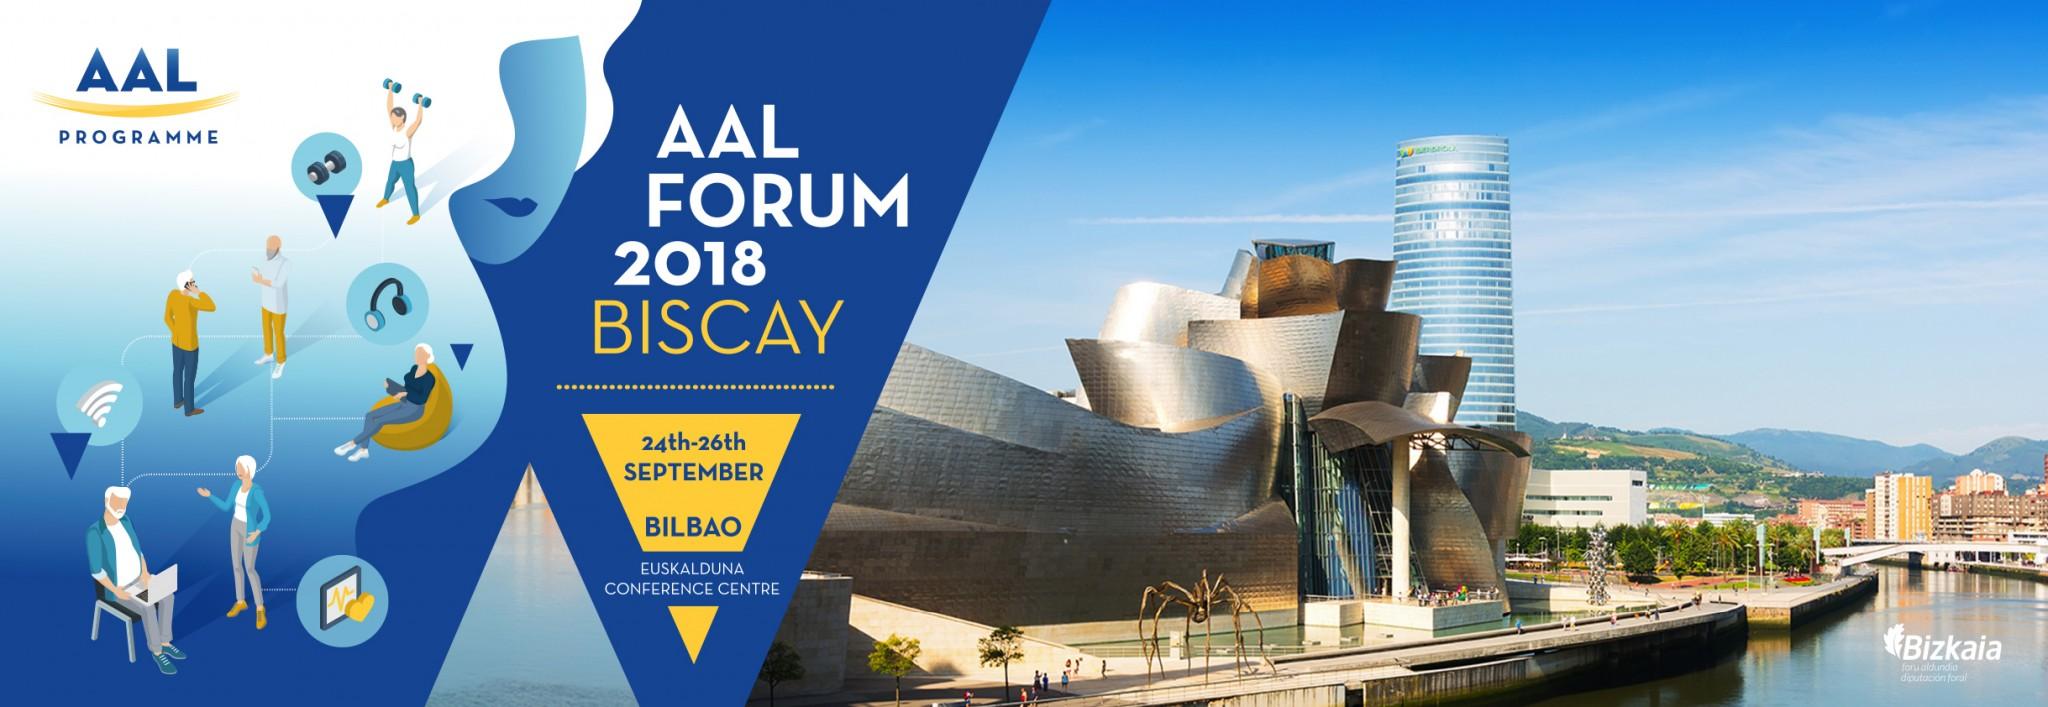 dream forum Adult european